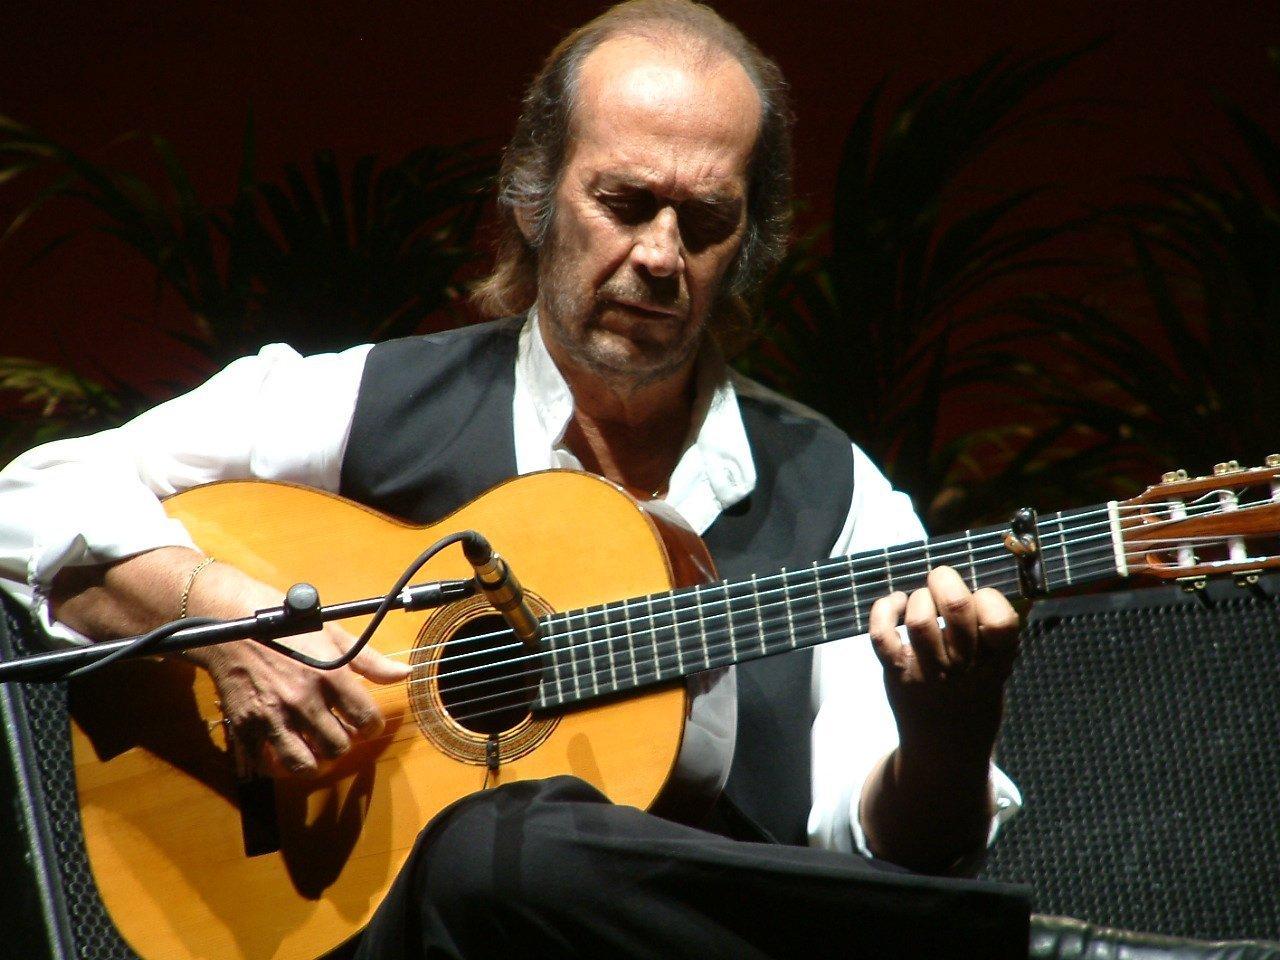 Biografia Paco de Lucía - Compositor España